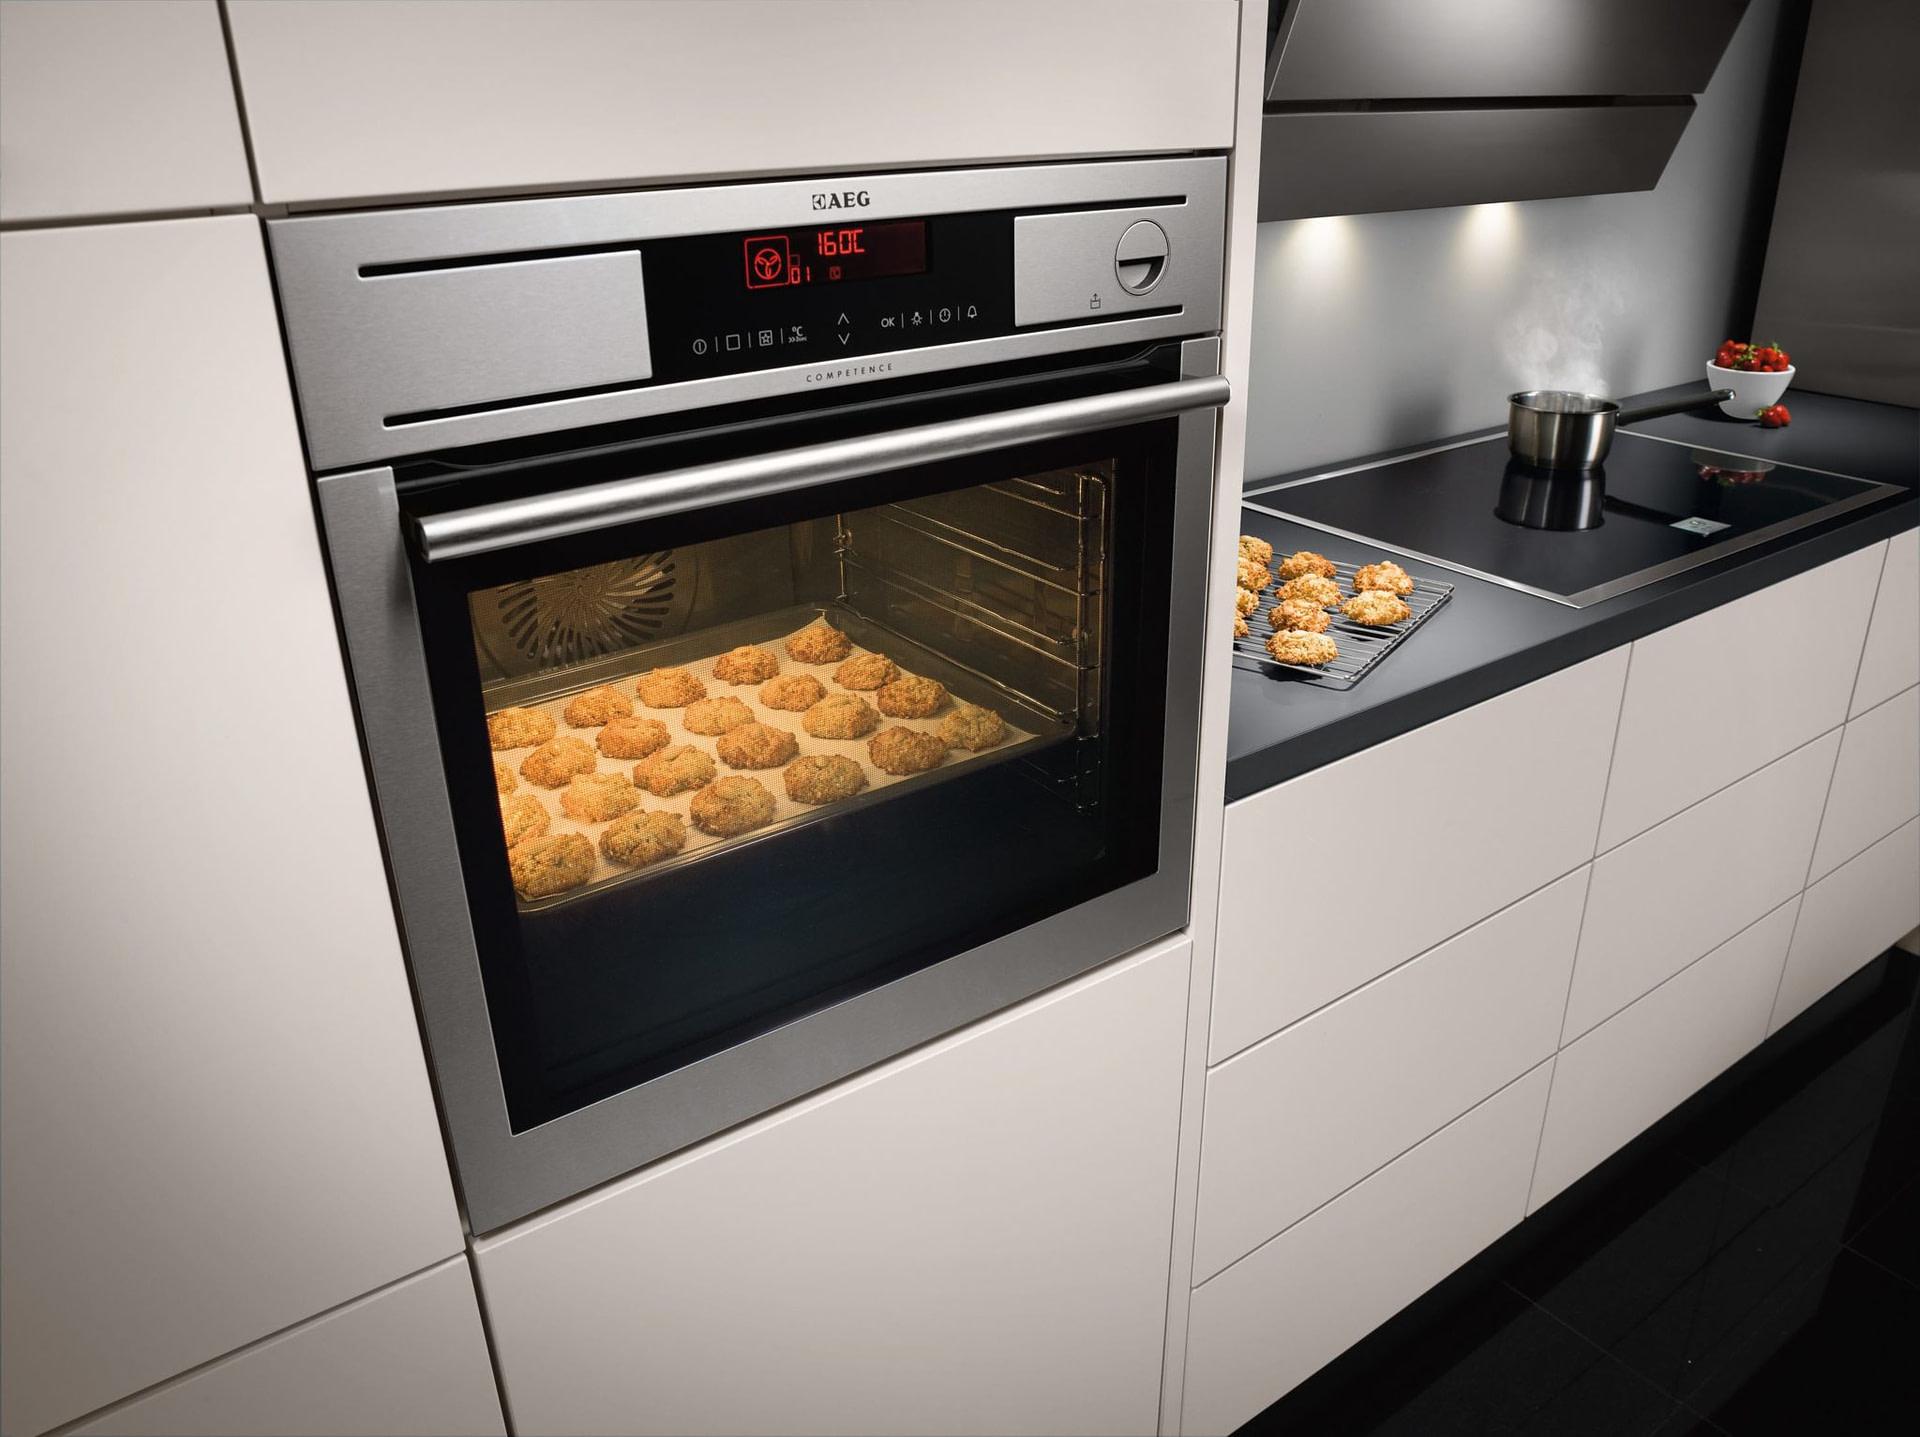 Aeg Home Appliances in